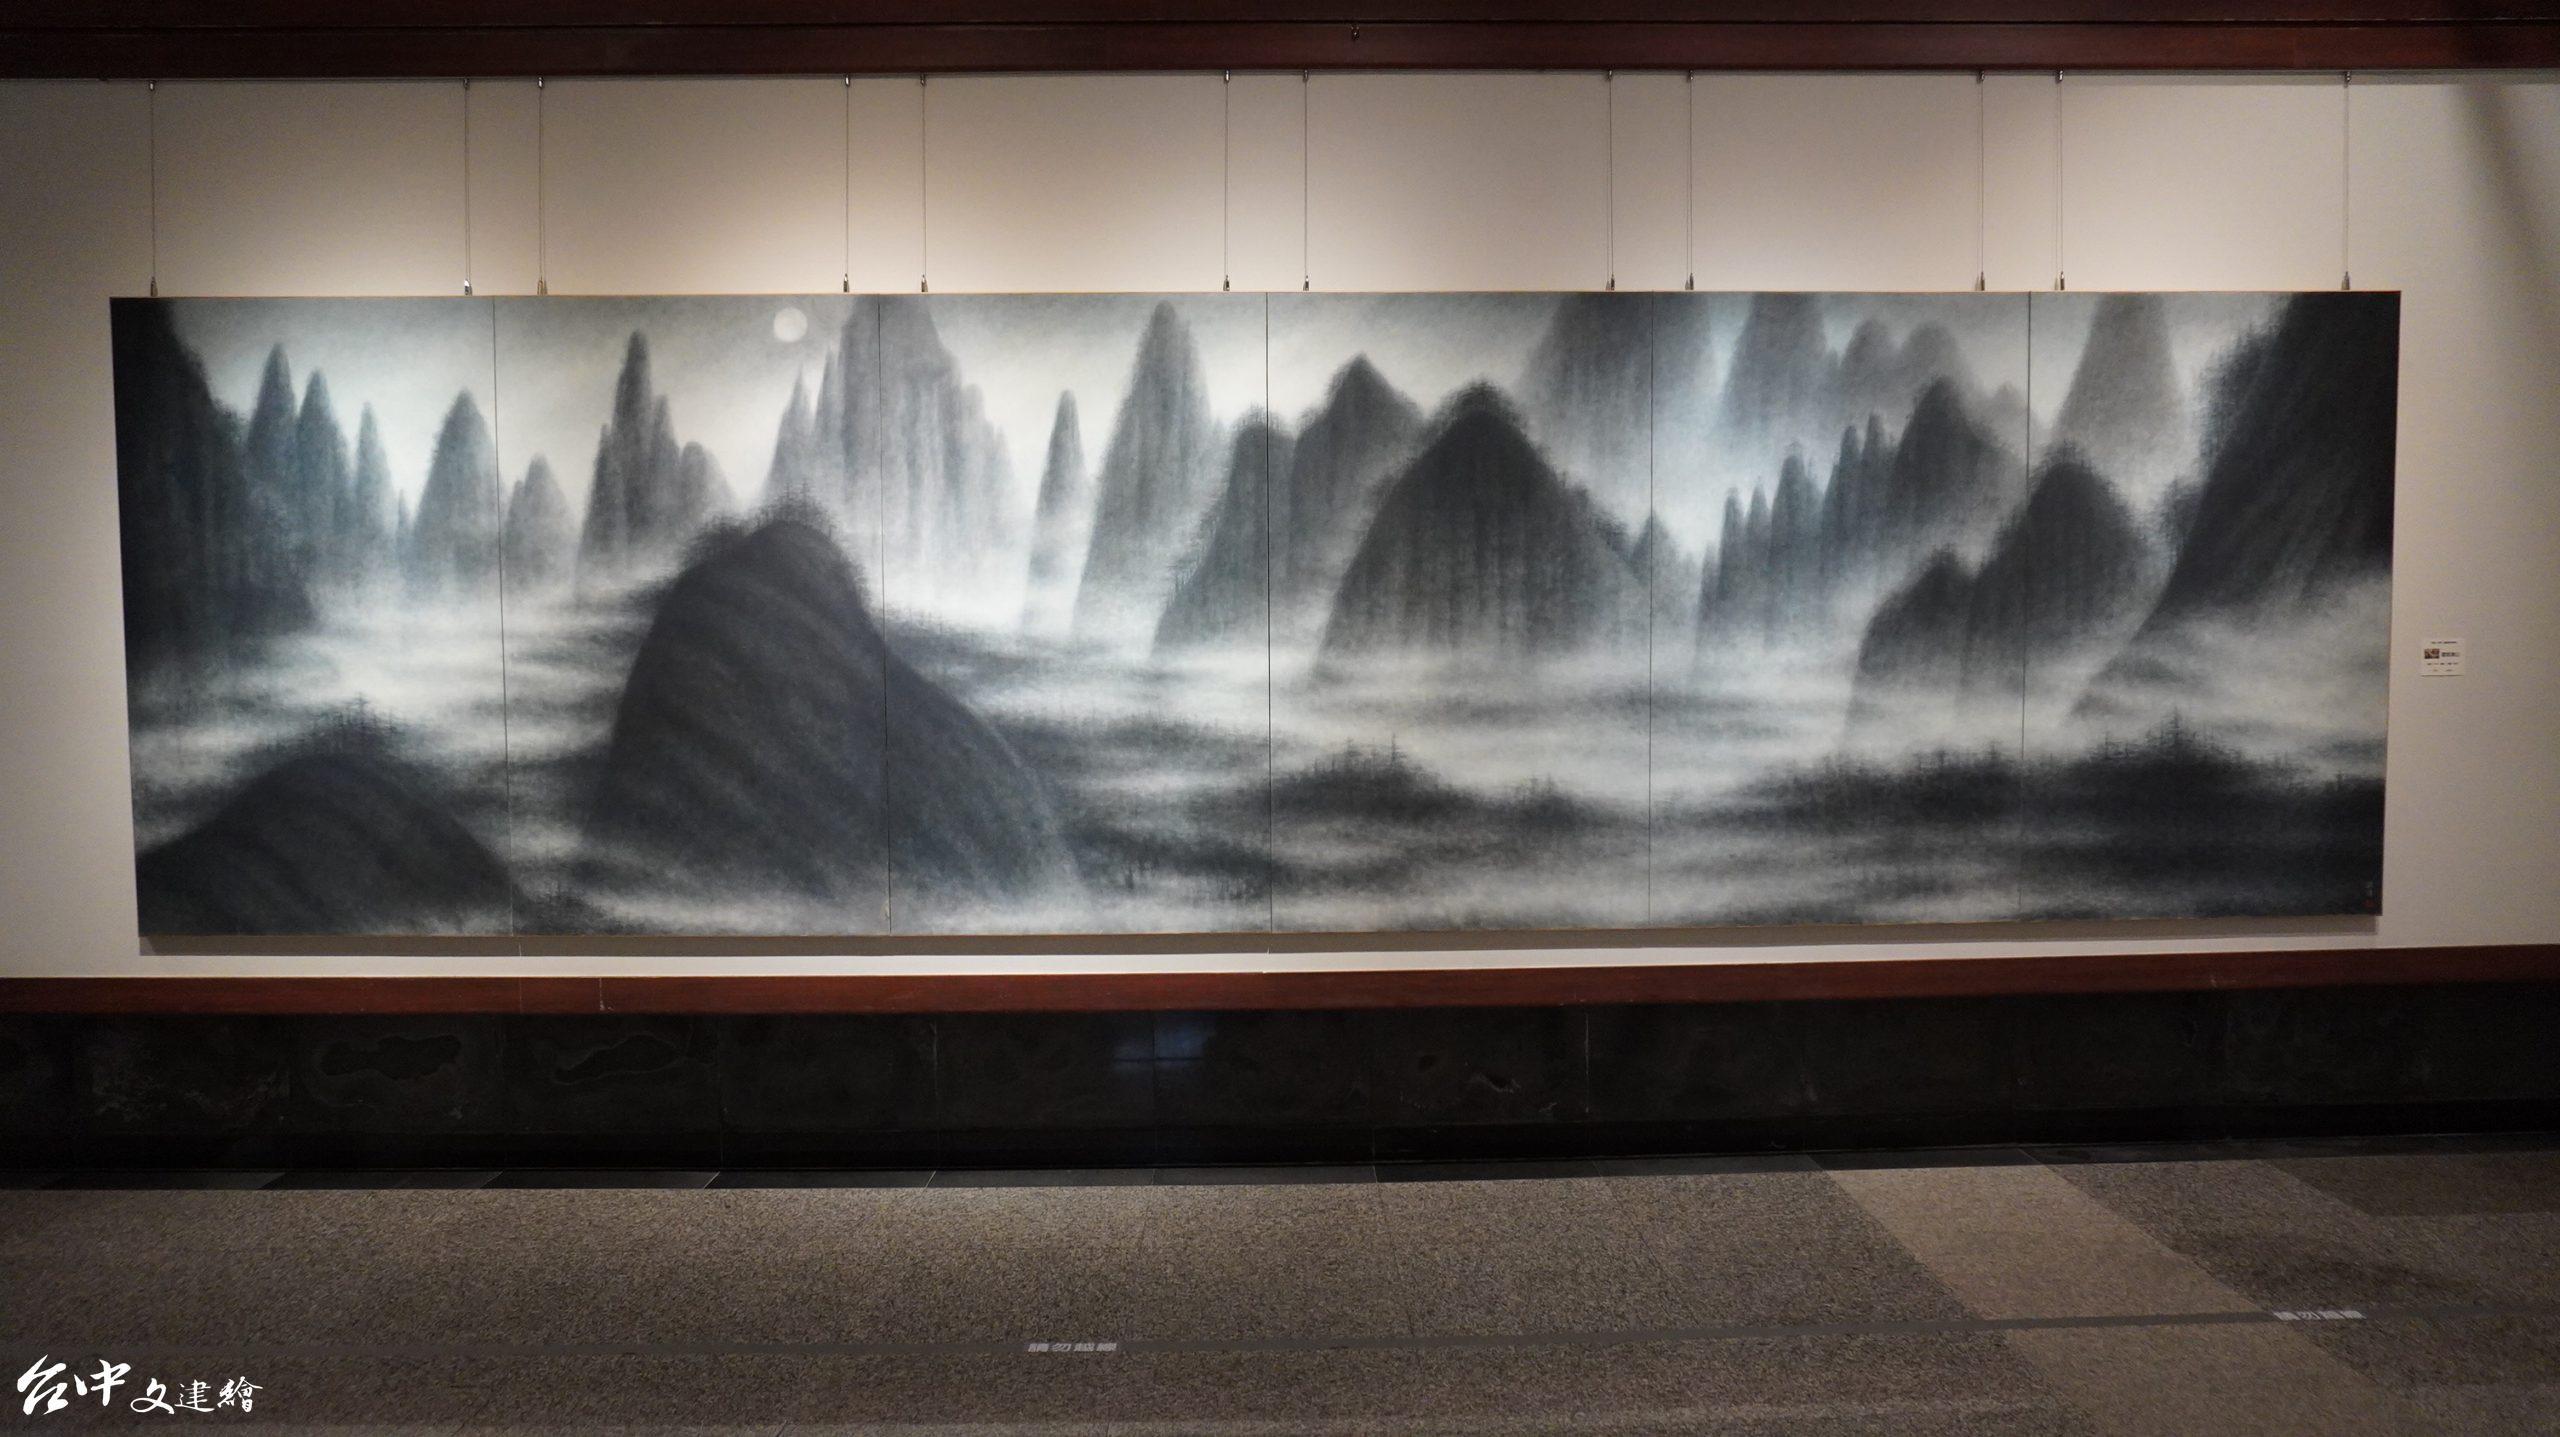 簡錦清,靈氣黃山,100號 x6 ,2010 年。(攝影:謝平平)